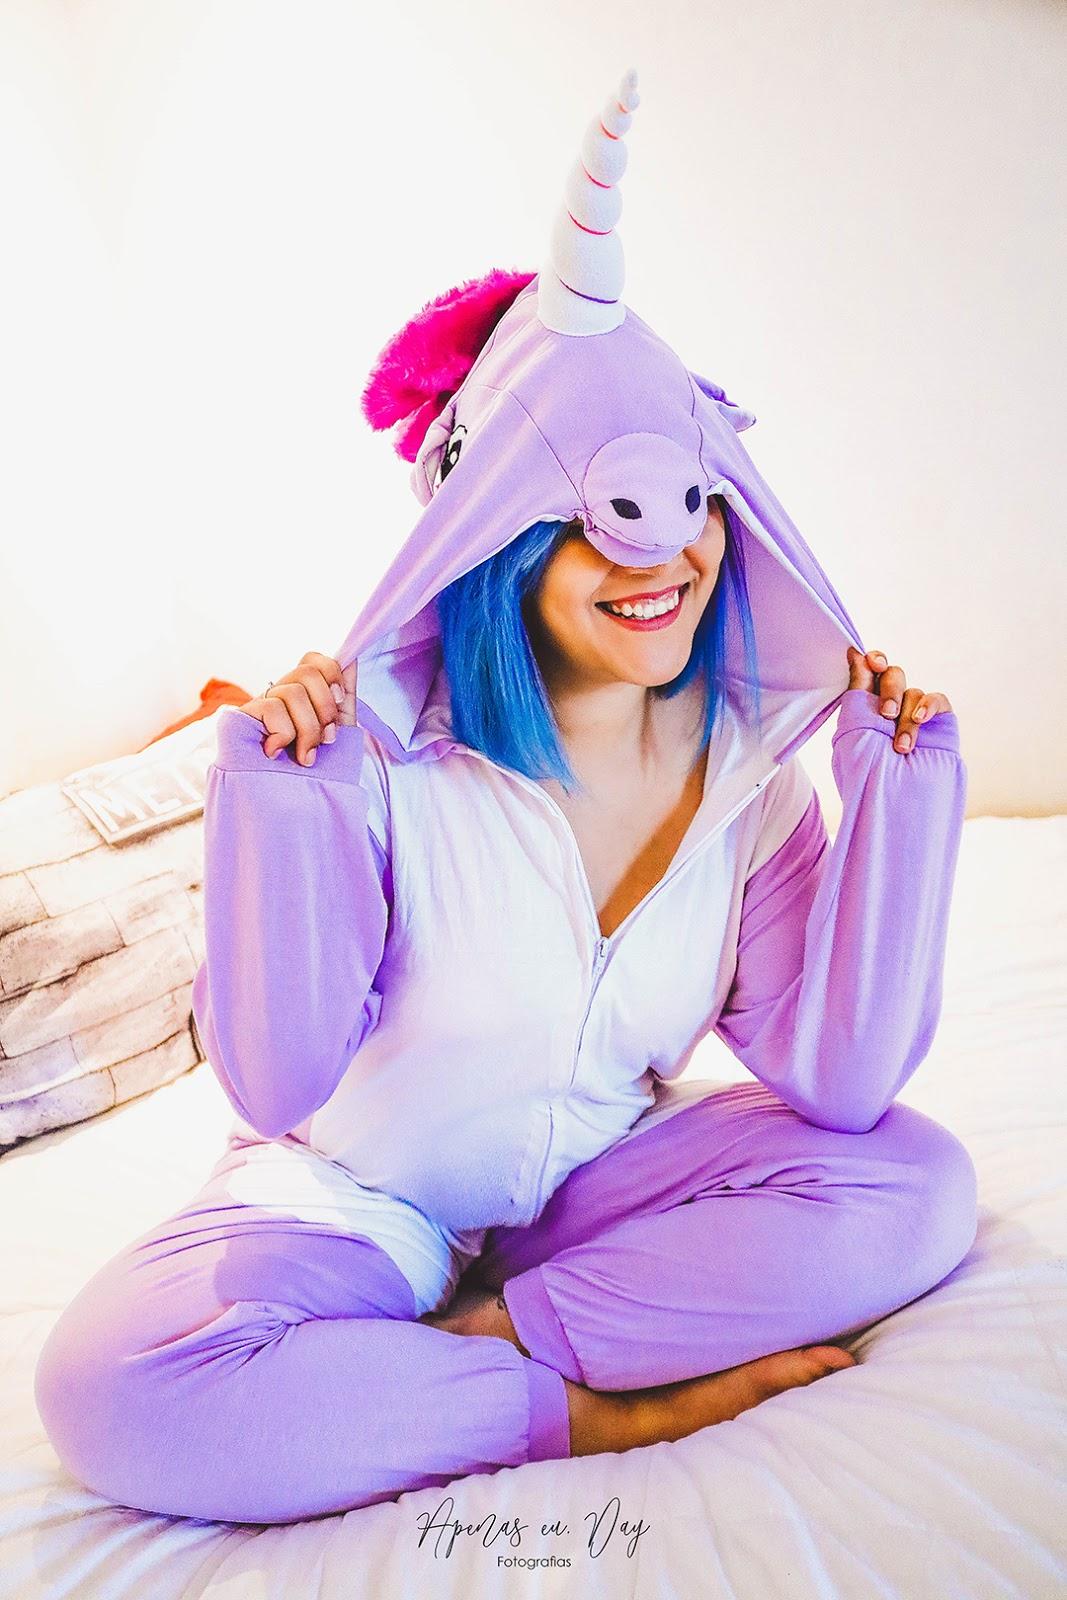 Veja um lindo ensaio interno feminino com pijama de unicórnio, super aconchegante e cheio de personalidade. Clique aqui!